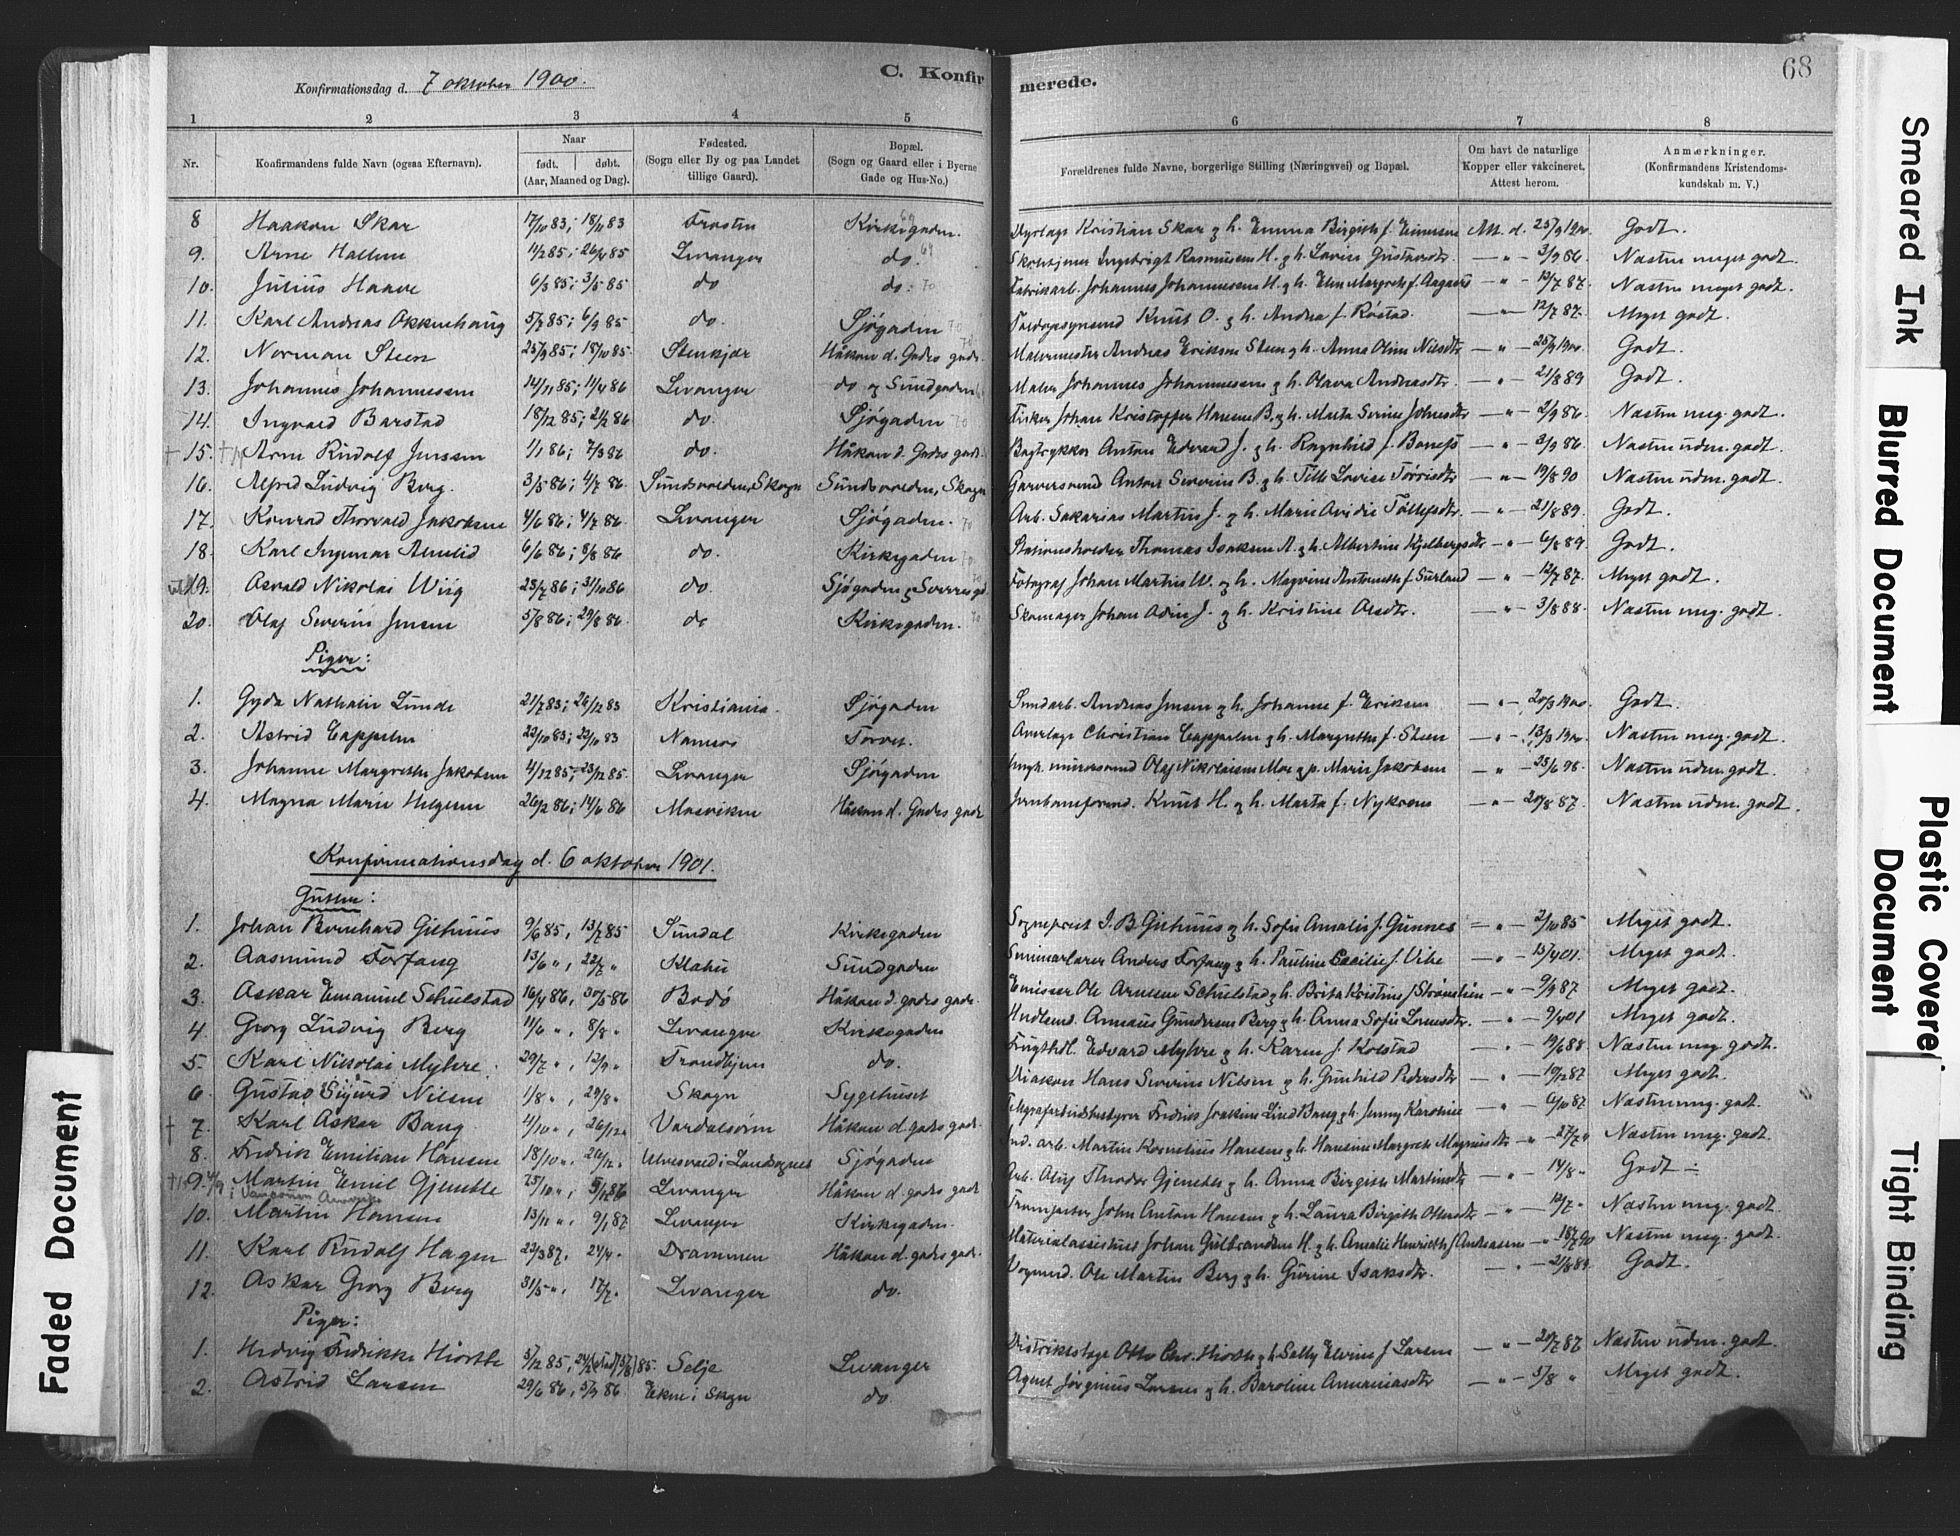 SAT, Ministerialprotokoller, klokkerbøker og fødselsregistre - Nord-Trøndelag, 720/L0189: Ministerialbok nr. 720A05, 1880-1911, s. 68